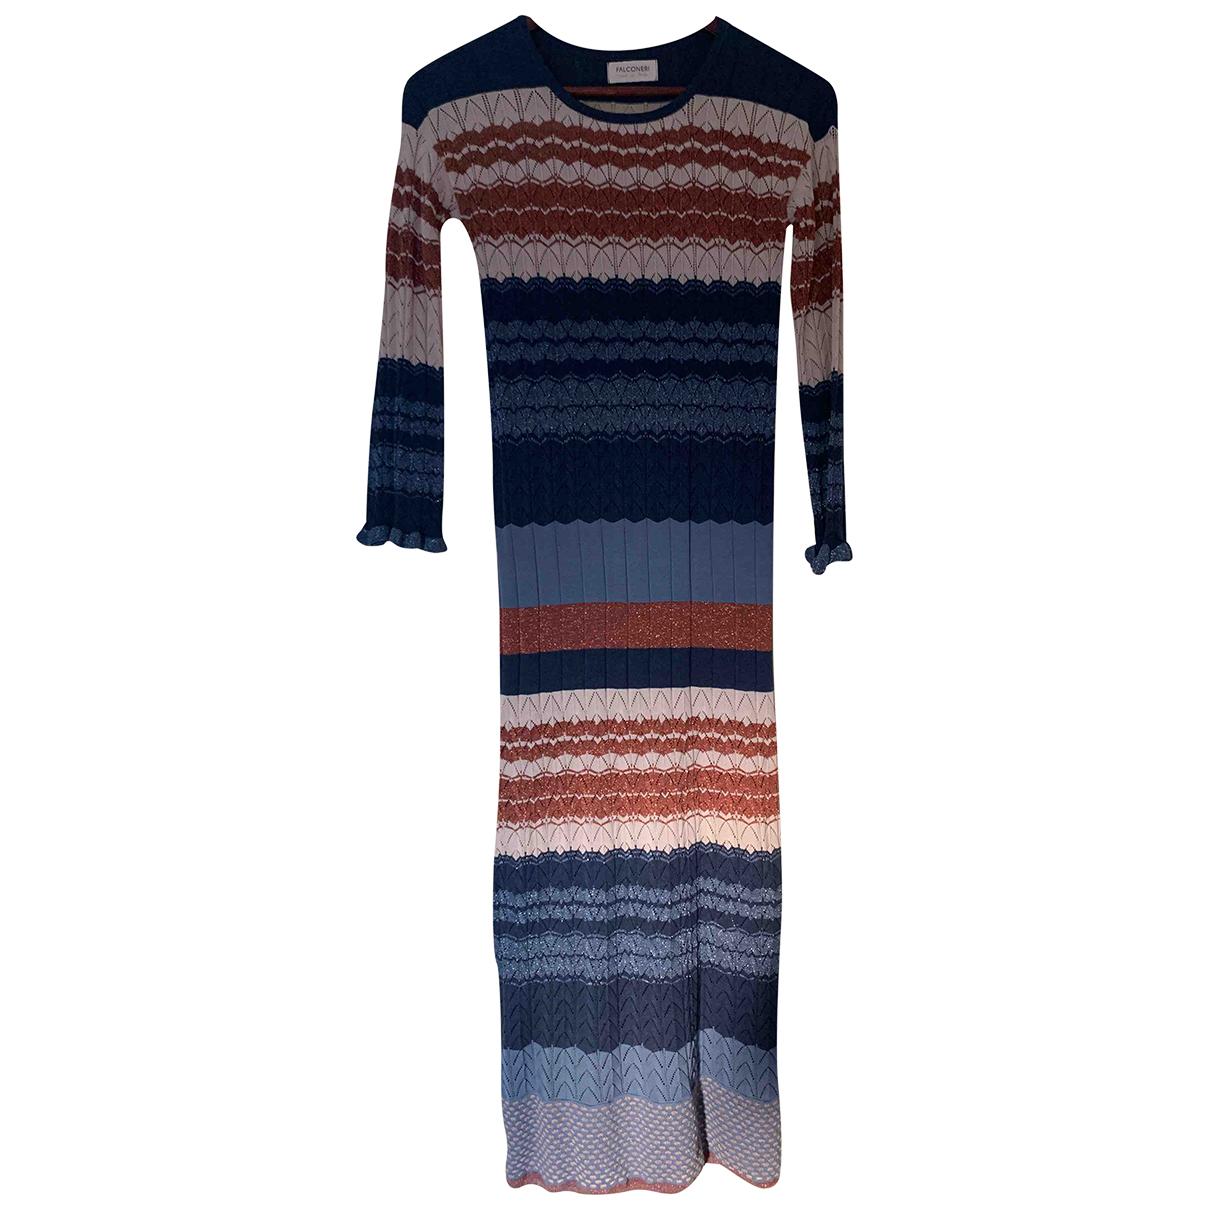 Falconeri \N Kleid in  Bunt Baumwolle